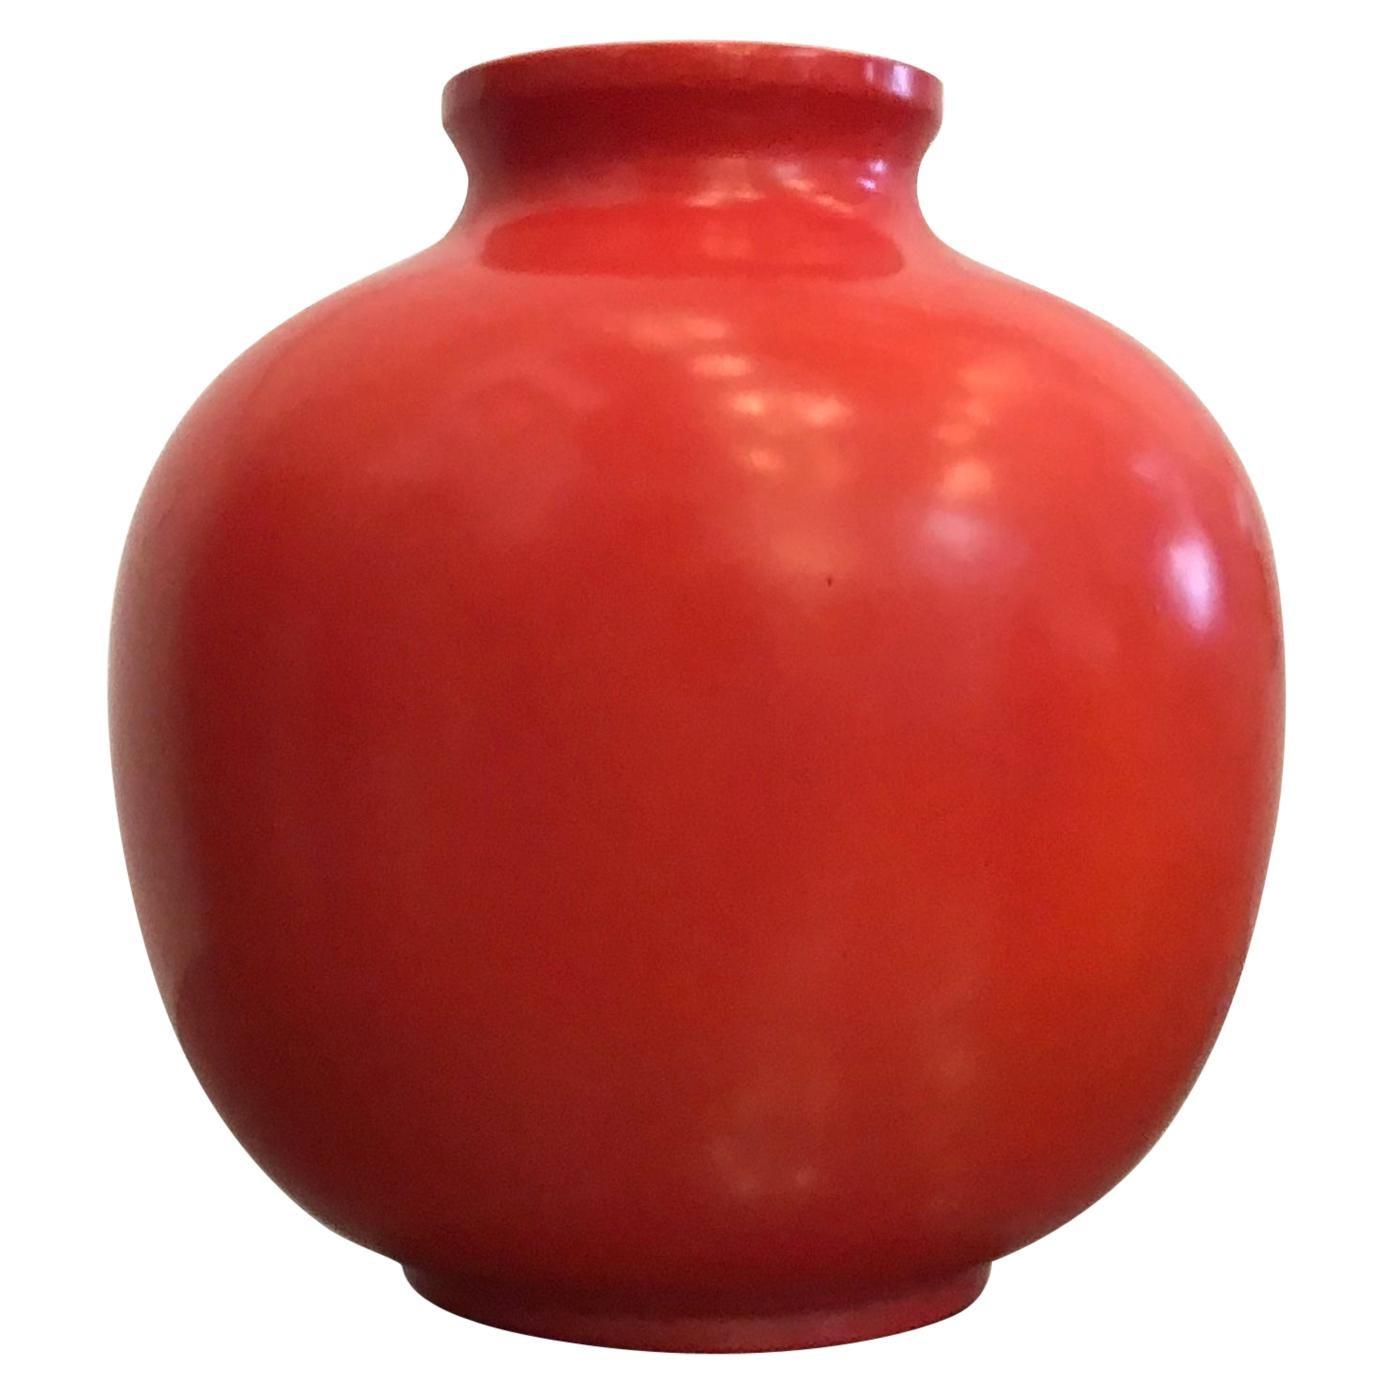 Richard Ginori Giovanni Gariboldi Vase Ceramic, 1950, Italy